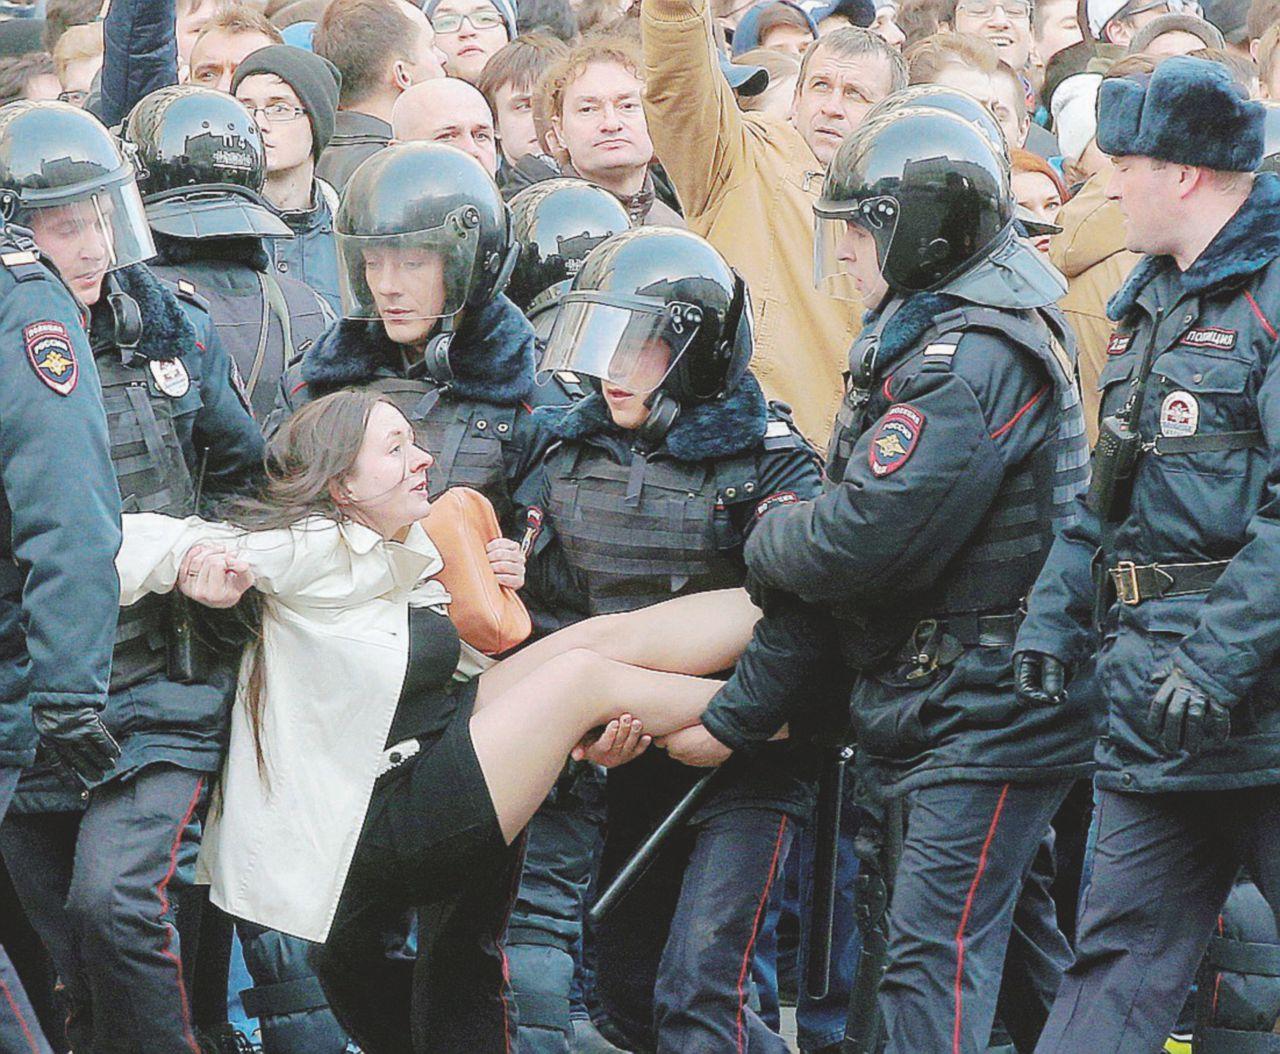 Aleksandr e i ragazzi borghesi: generazione Putin contro lo zar